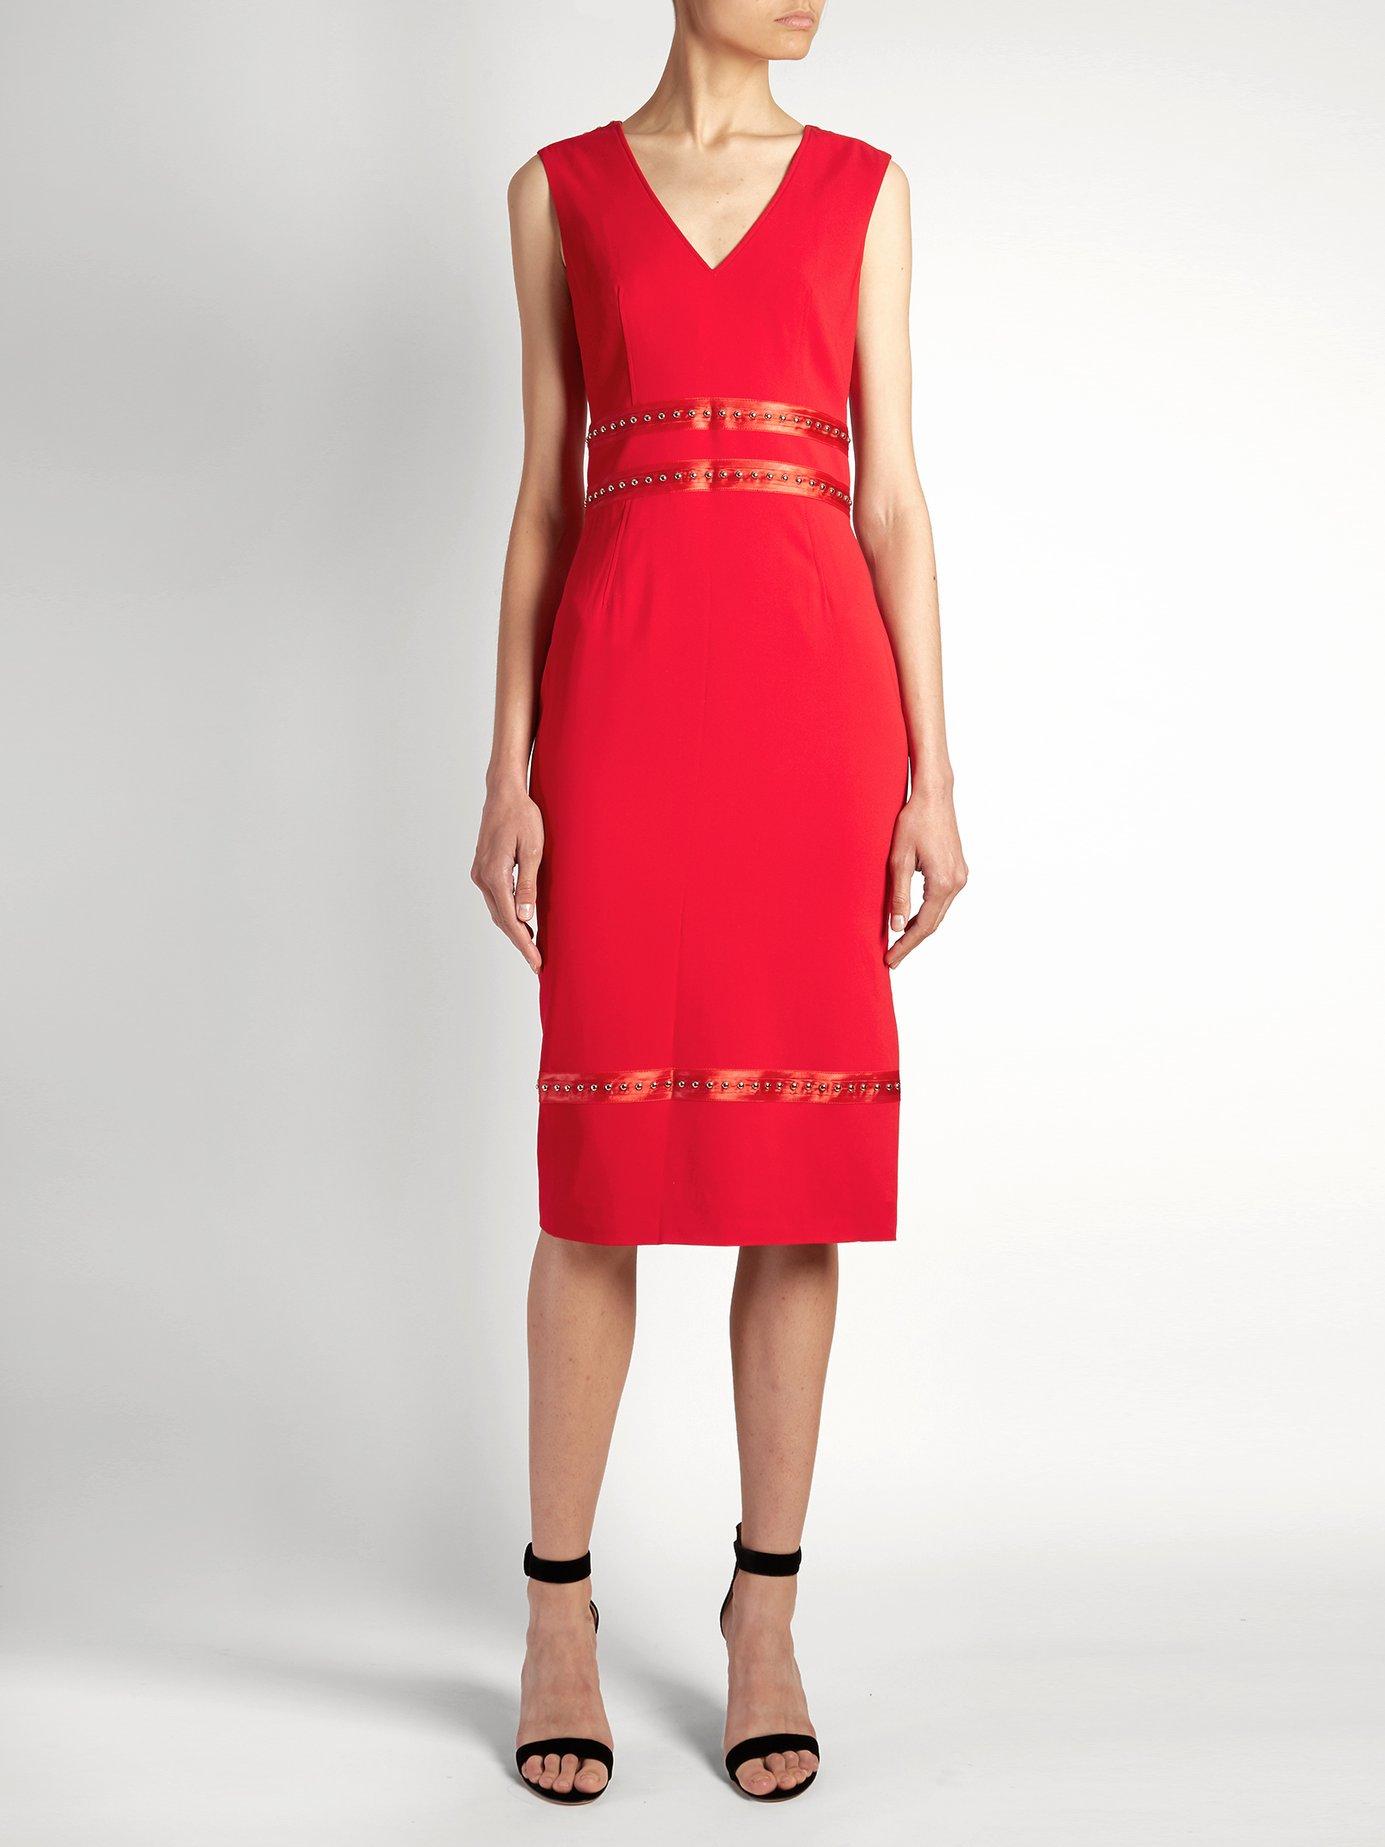 Burke stud-embellished crepe dress by Altuzarra